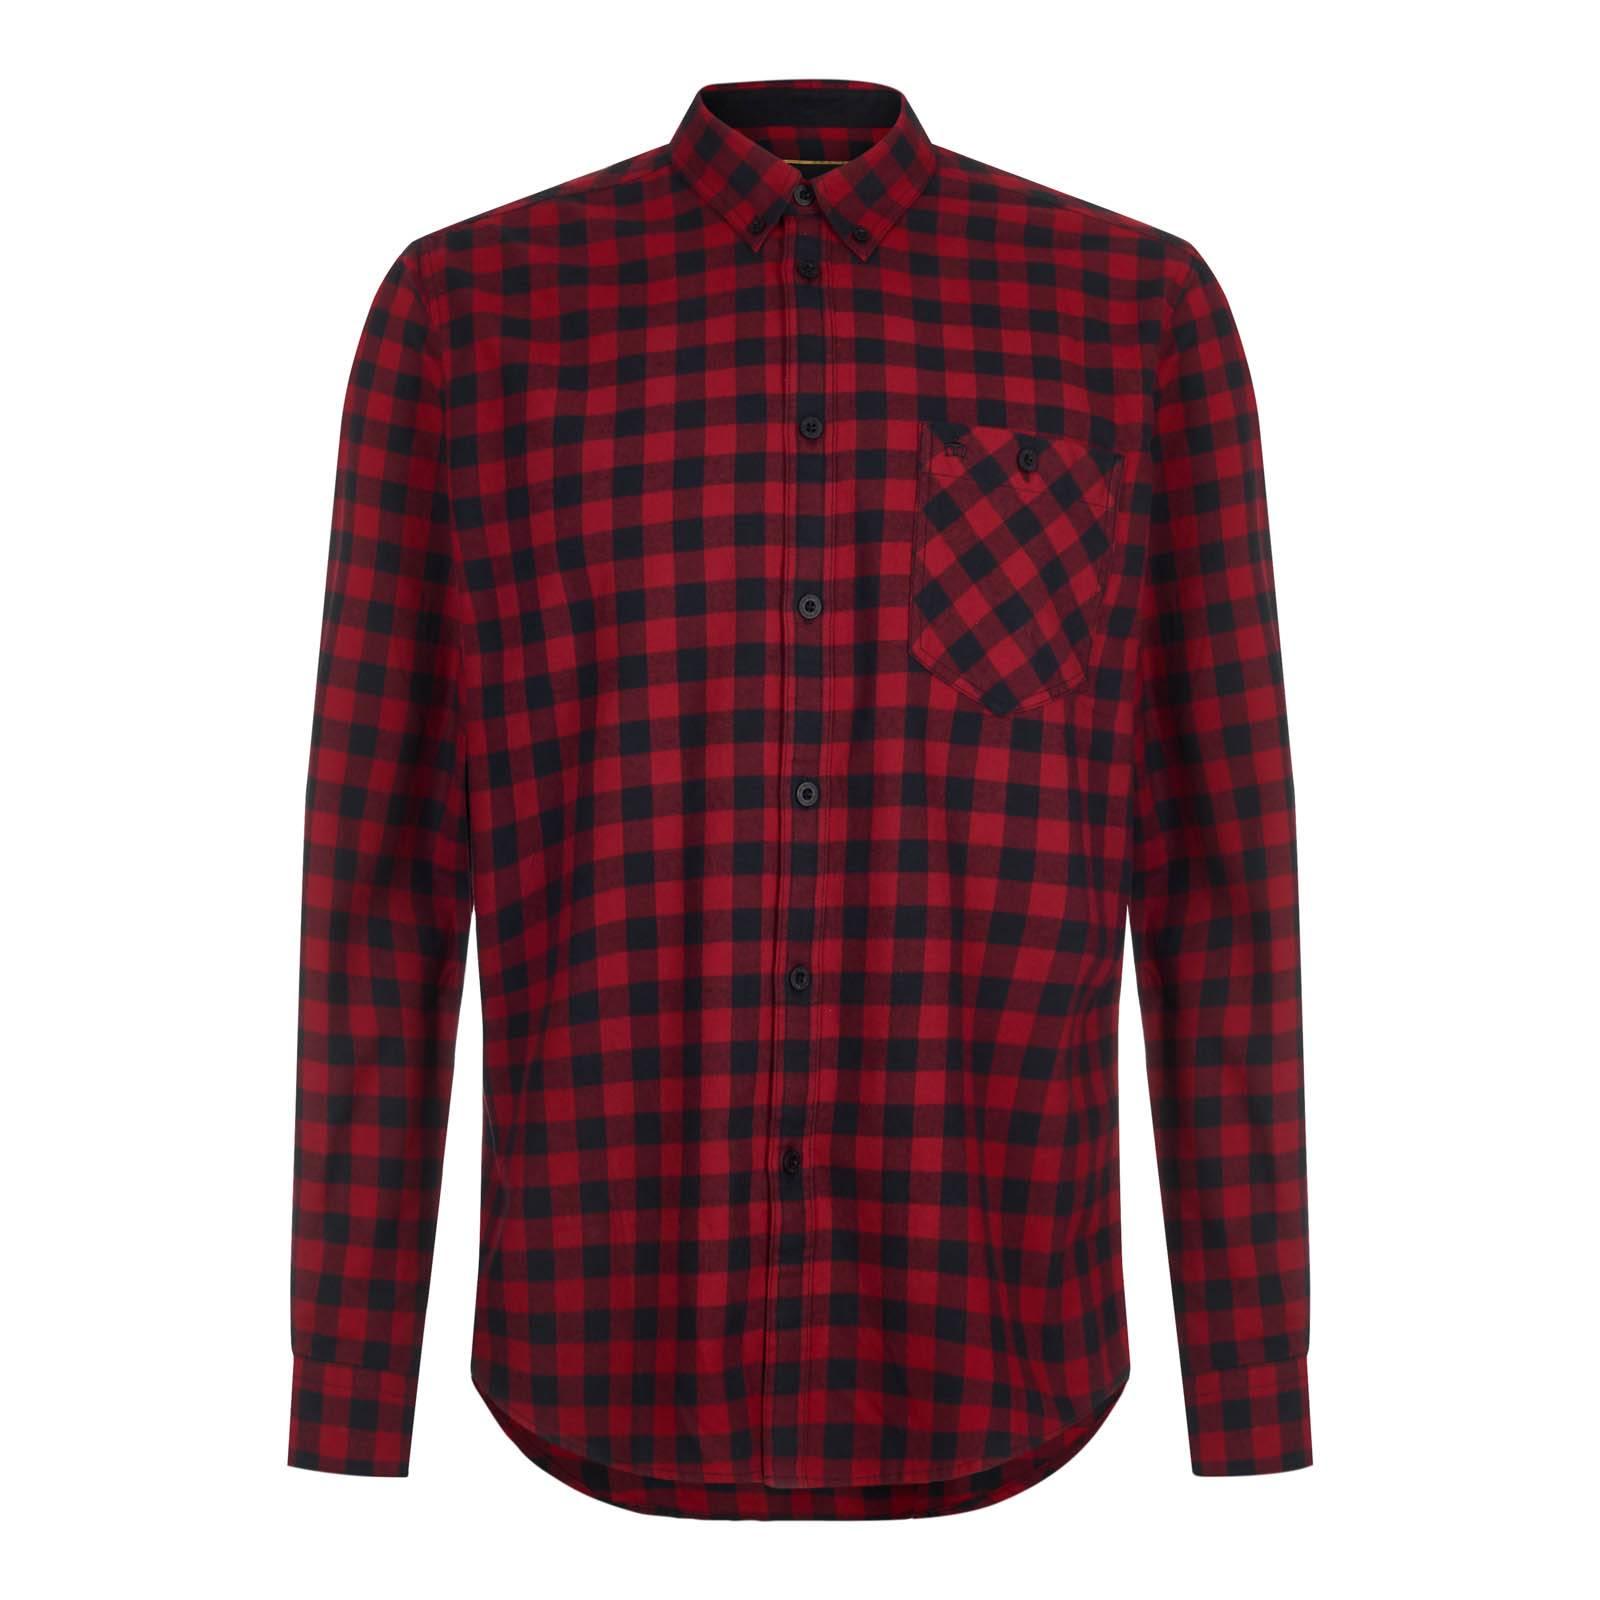 Рубашка FoxhillСлайдер на главной<br>Мужская приталенная рубашка из высококачественного хлопчатобумажного твила – ворсистой, мягкой на ощупь, прочной и долговечной ткани, выработанной саржевым (диагональным) переплетением нитей. Сочетание традиционного для британских сорочек button-down воротника на пуговицах с крупным клетчатым узором, представляющим собой нечто среднее между английской клеткой gingham и американской lumberjack plaid или иначе buffalo check (изначально  — фамильный тартан старейшего шотландского королевского клана МакГрегоров, чьи потомки перебрались за океан и в XVIII веке популяризировали этот орнамент в США), служит своего рода примирением мод-стиля с популярной сегодня модой «городских лесорубов». Благодаря удлиненной спинке не выправляется из джинсов. Также носится навыпуск с чиносами или шортами. Хорошо сочетается с парками. Брендирована вышивкой фирменного логотипа Корона на нагрудном кармане.<br><br>Артикул: 1516212<br>Материал: 100% хлопок<br>Цвет: красный с черным<br>Пол: Мужской